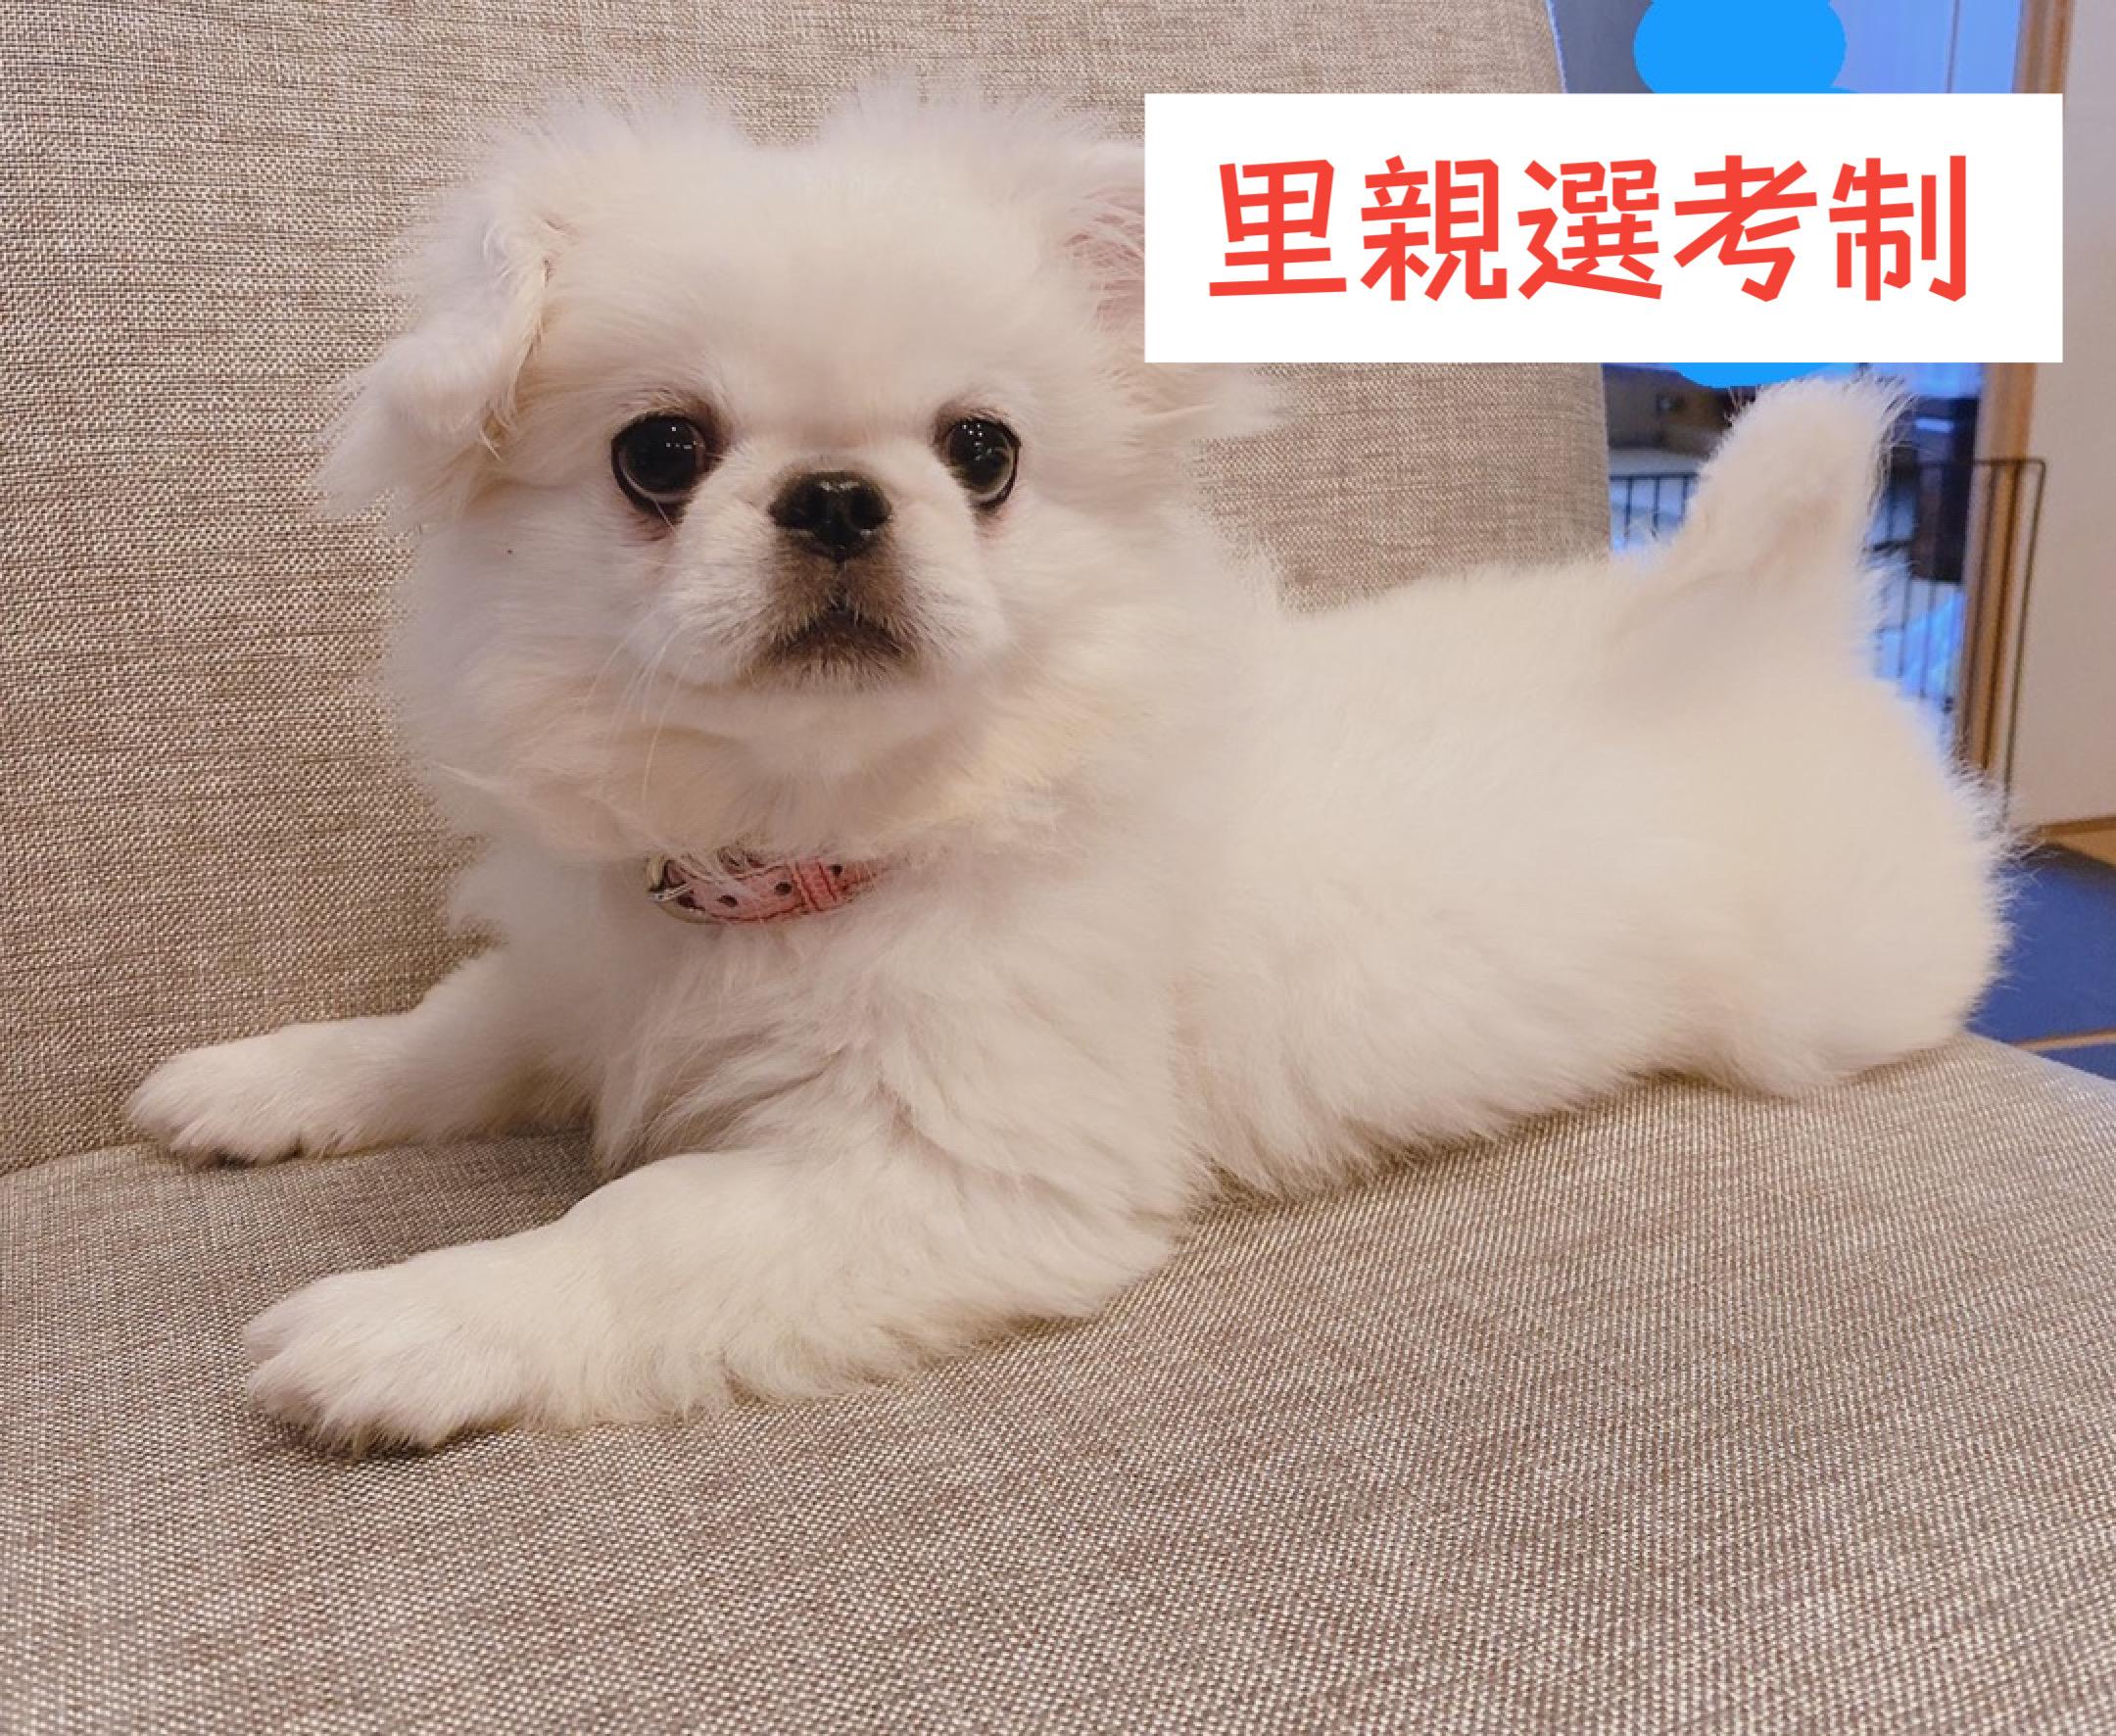 <ul> <li>犬種:ペキニーズ</li> <li>性別:女の子</li> <li>名前:ポポ</li> <li>年齢:2021年4月4日生まれ</li> <li>保護経緯:急に親族の介護が始まったため飼育困難</li> </ul>